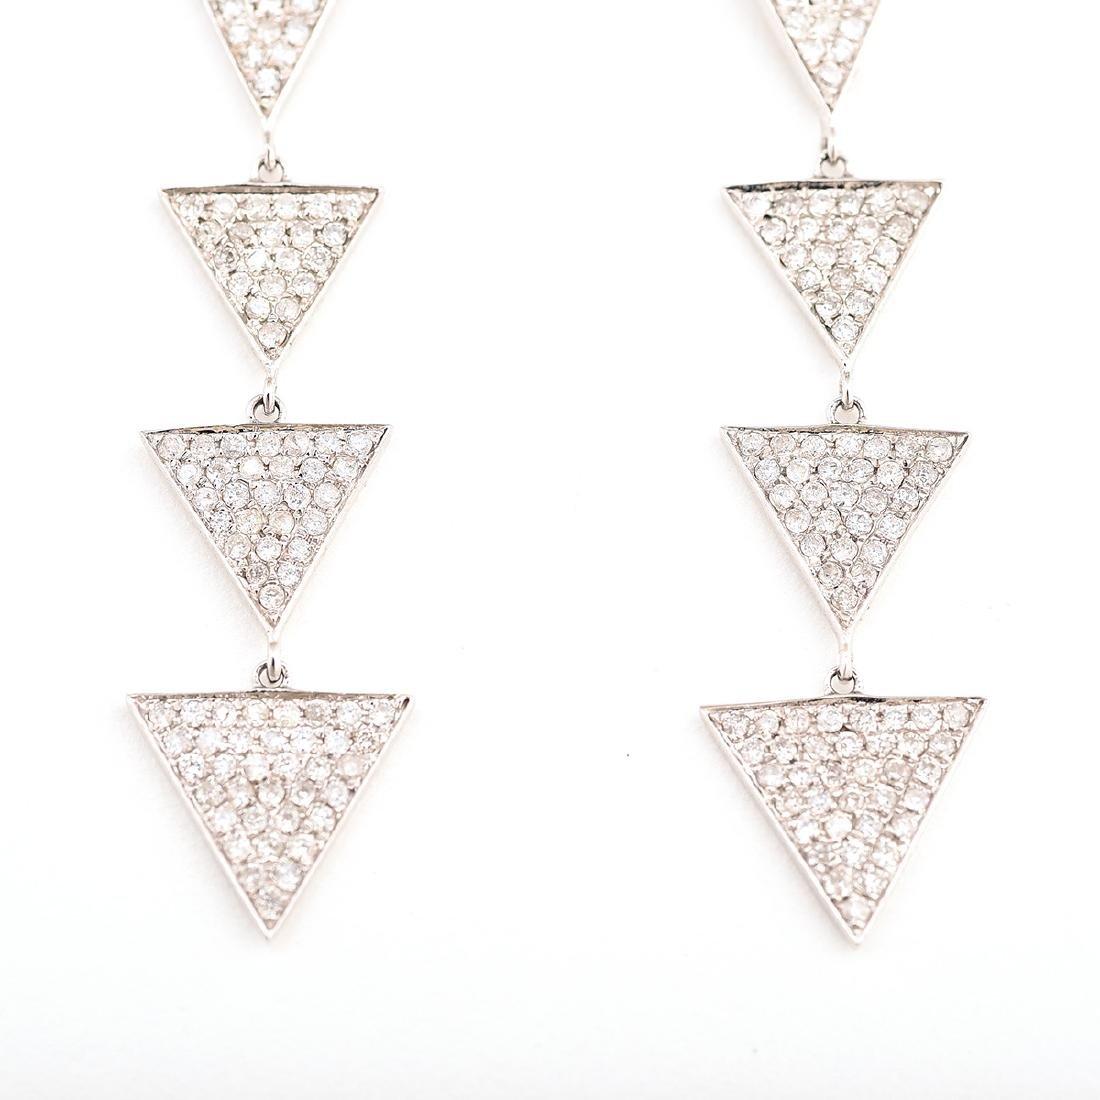 Pair of Diamond, 14k White Gold Earrings. - 2